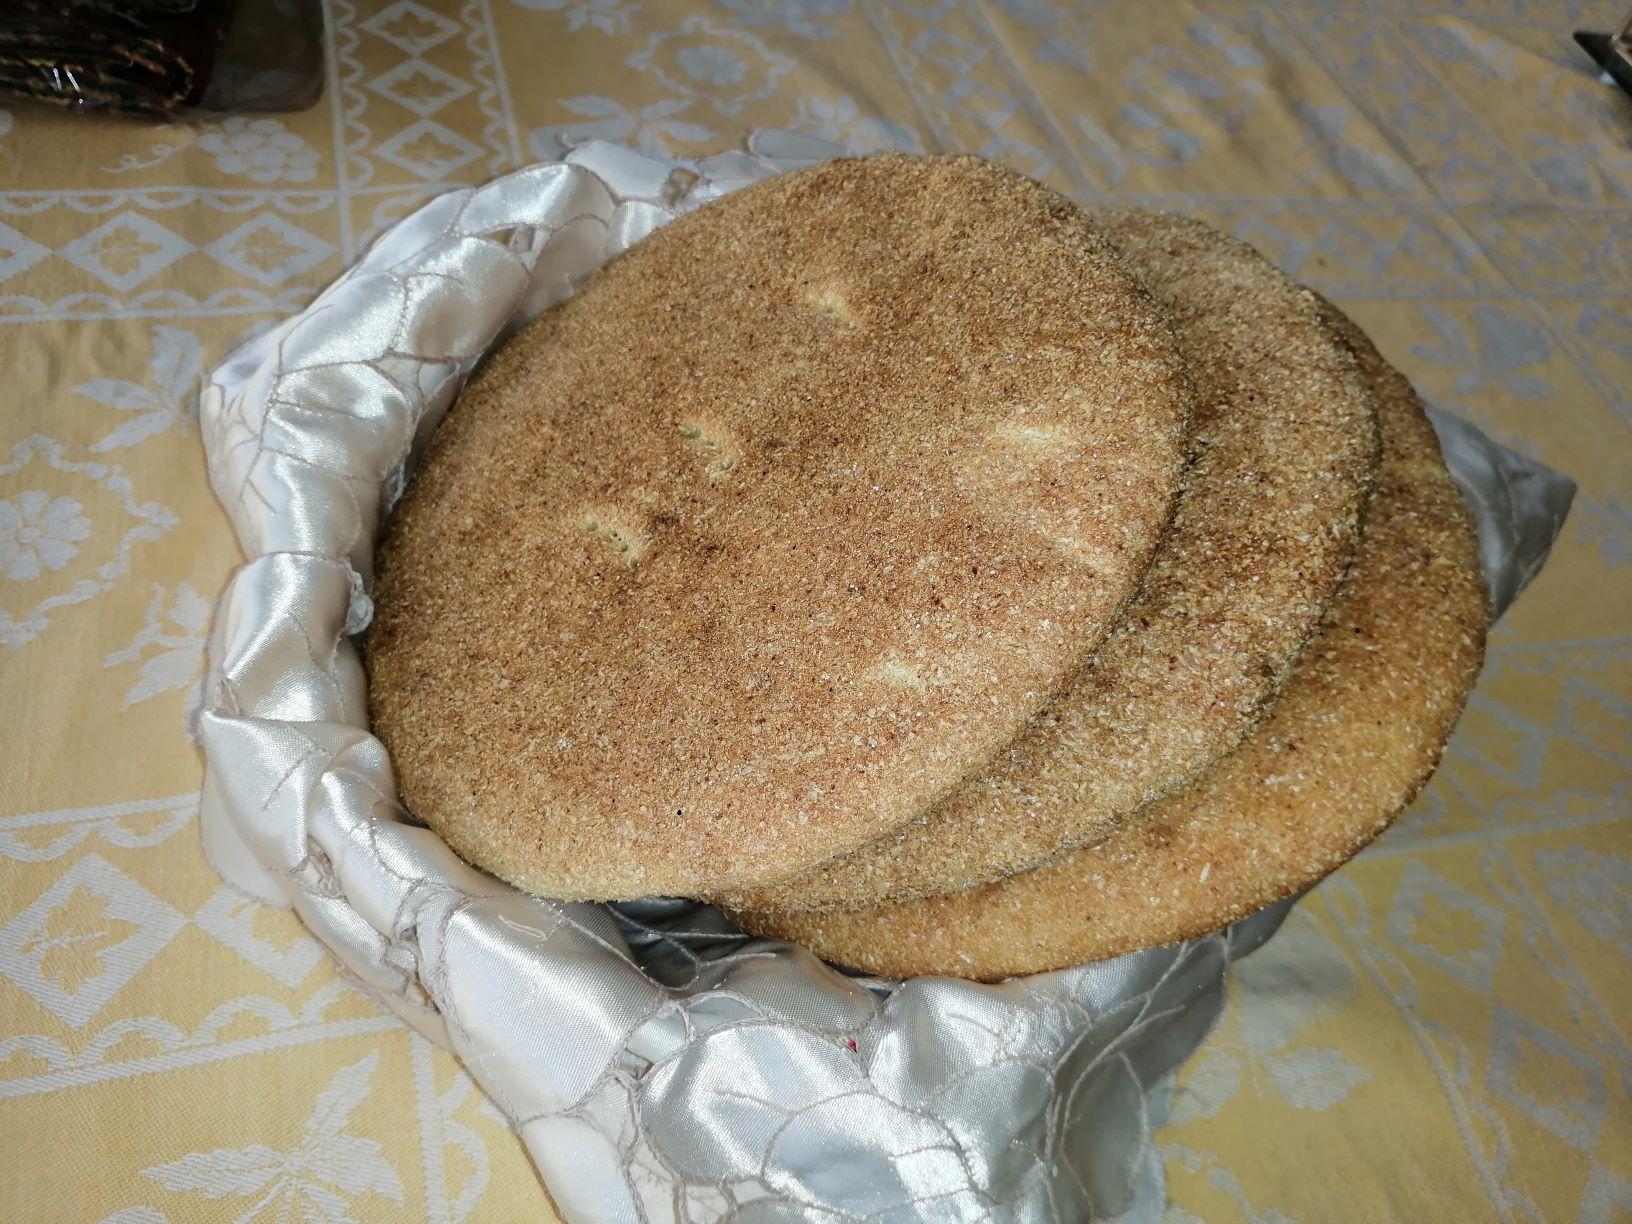 الخبز المغربي المعد بالمنزل (اندبندنت عربية)